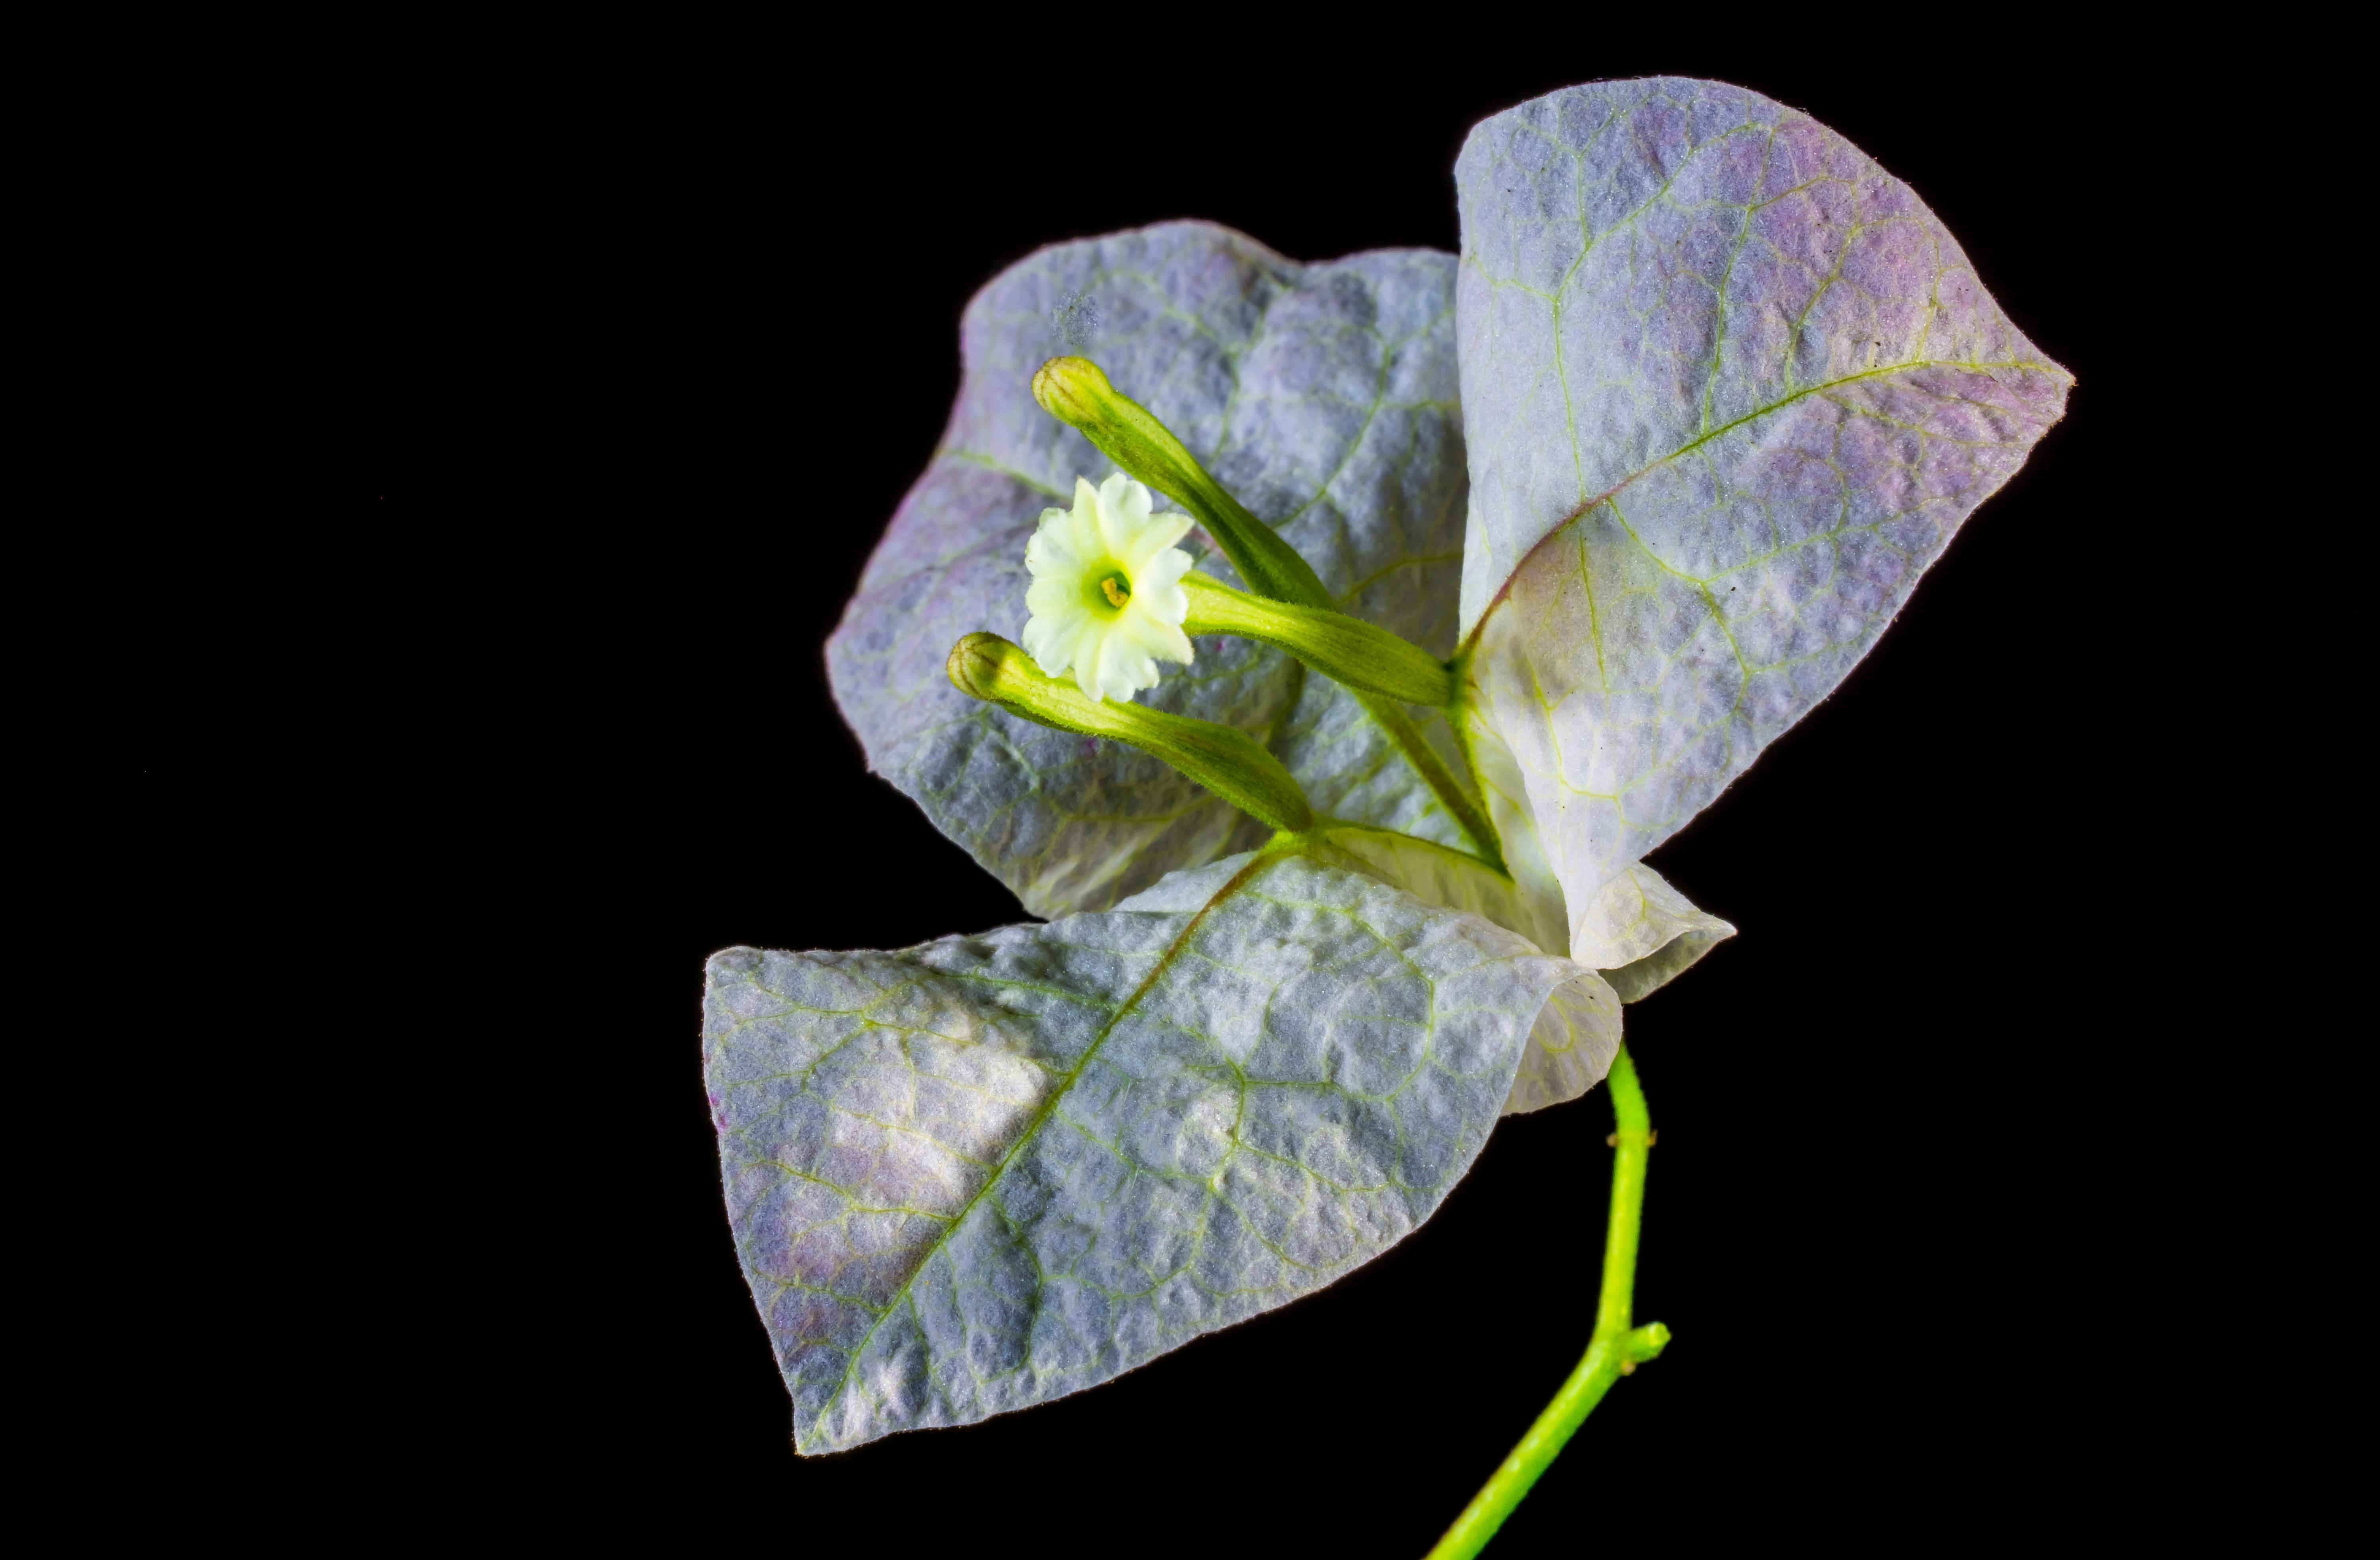 Bougainville Fleur à images gratuites : fleur, blanc, la photographie, feuille, pétale